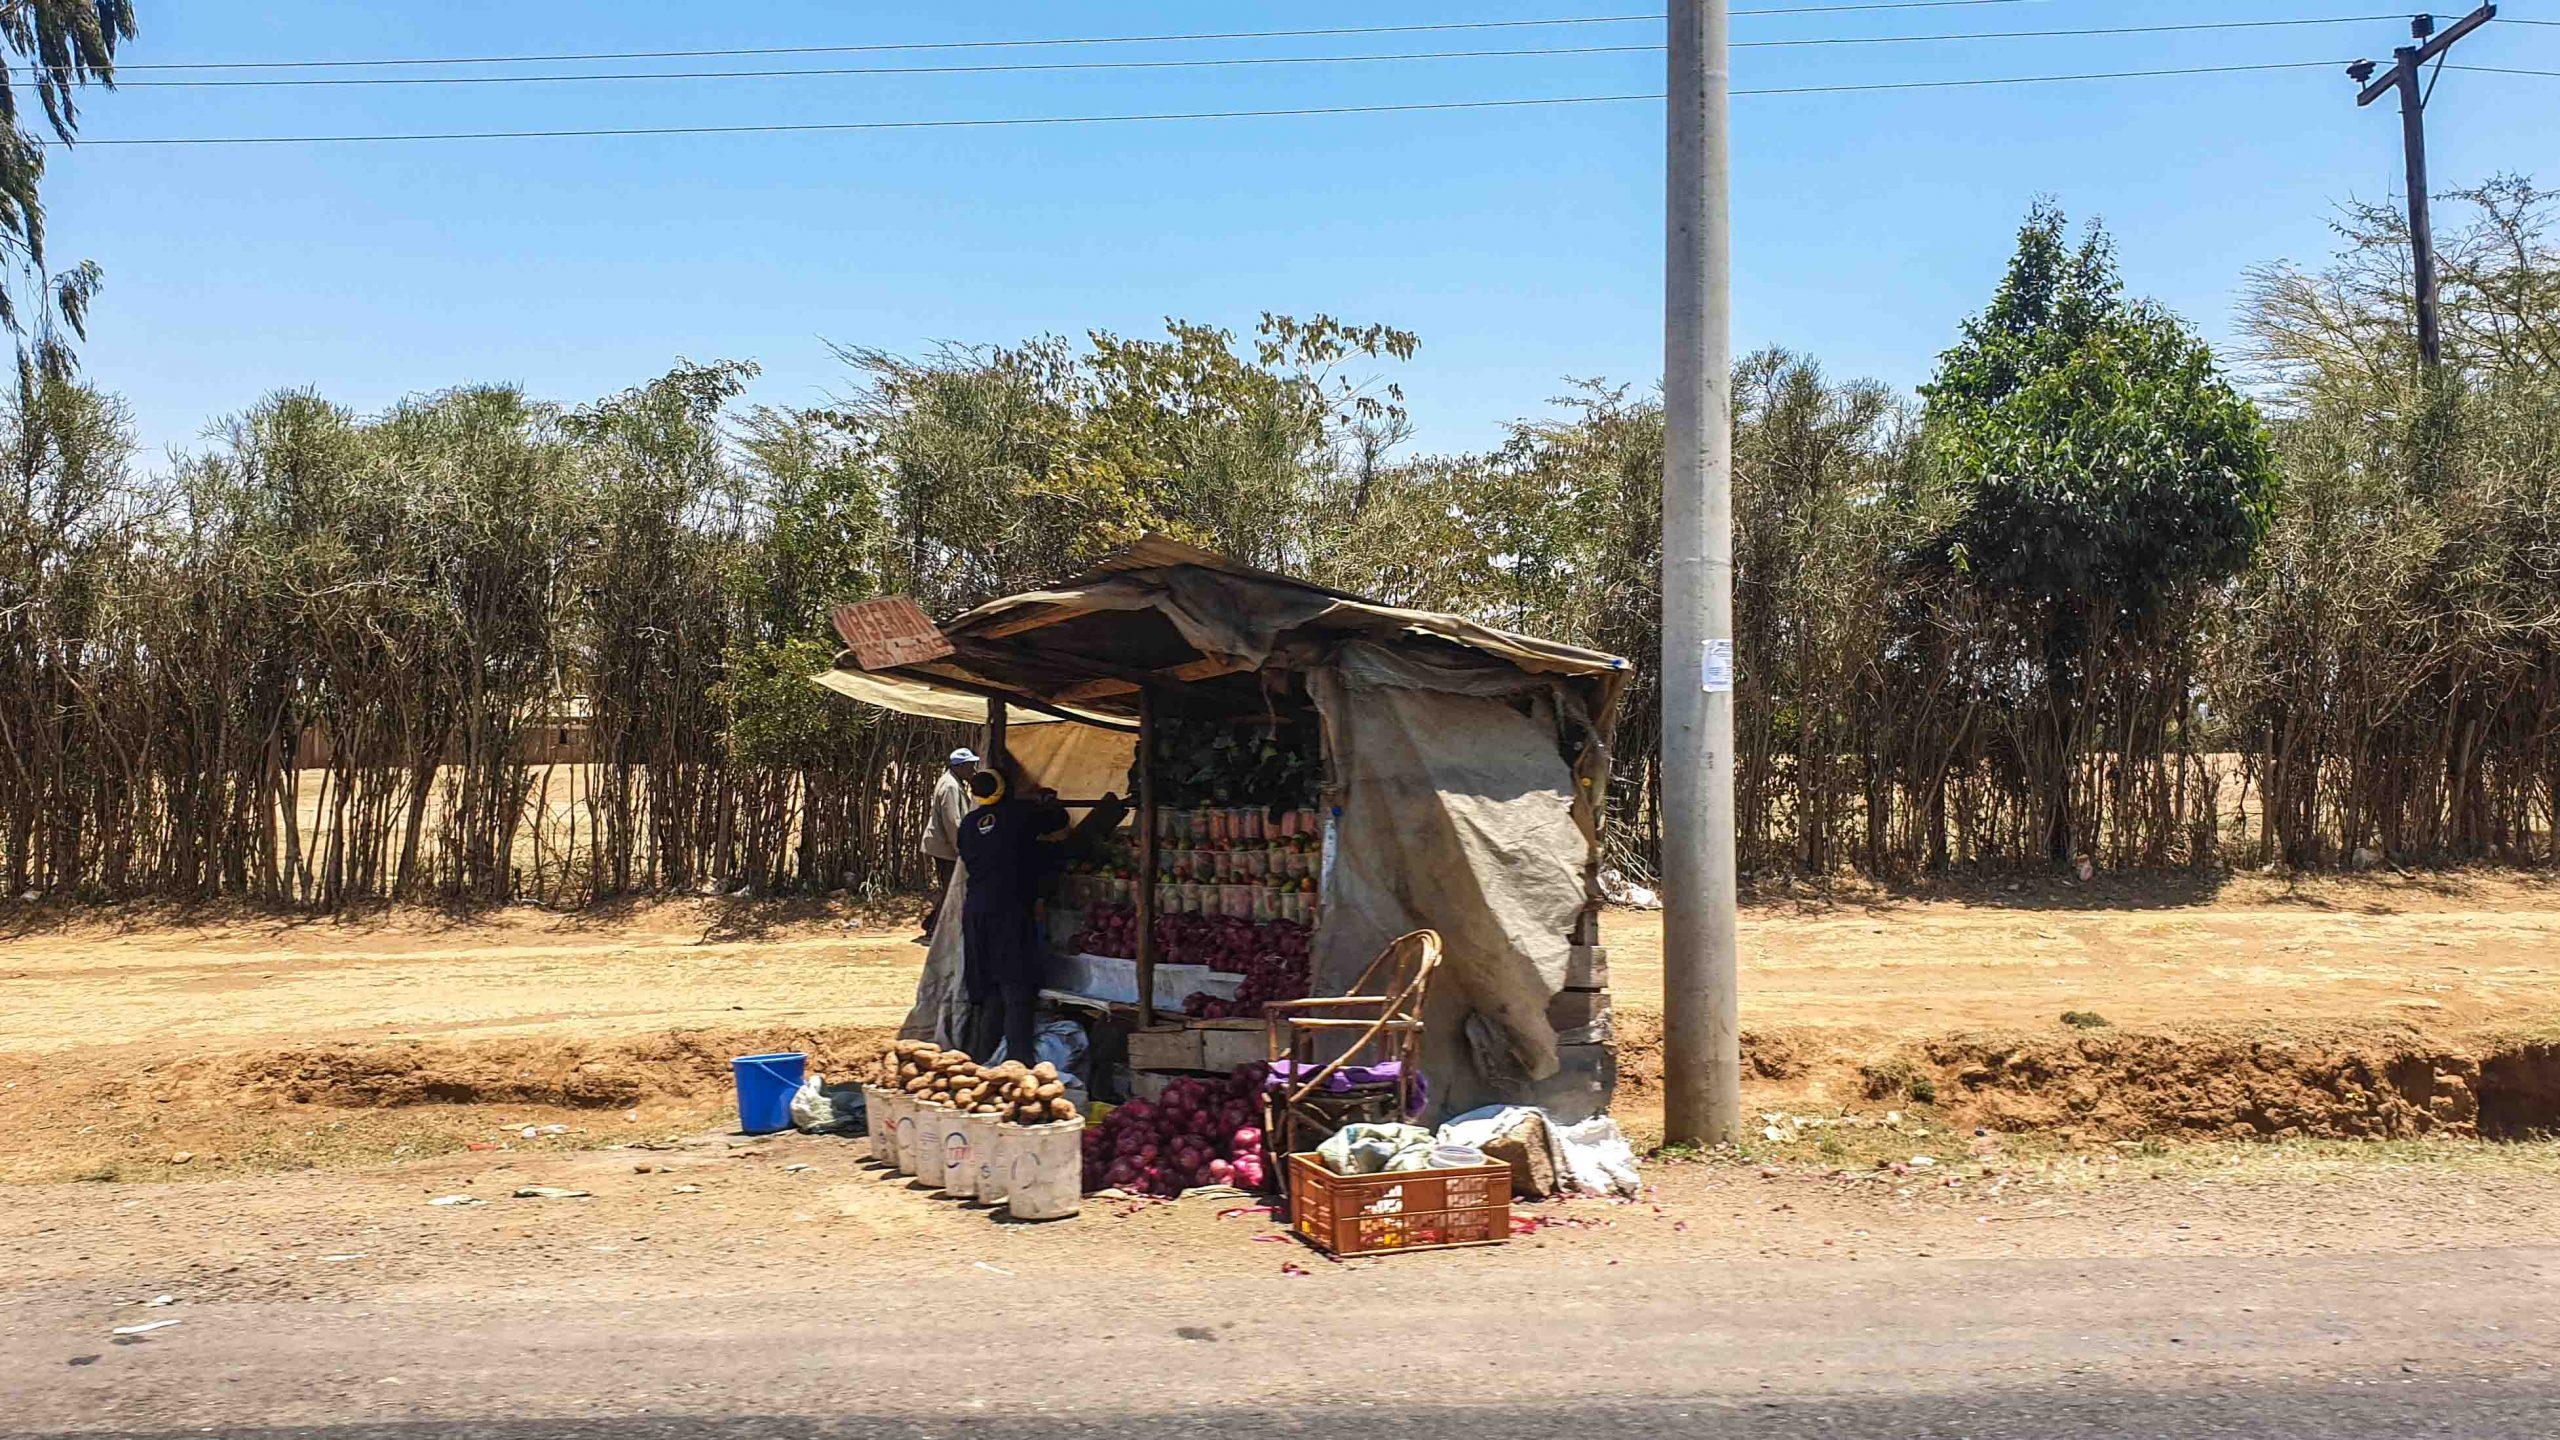 Puesto de comida en una carretera en Kenia